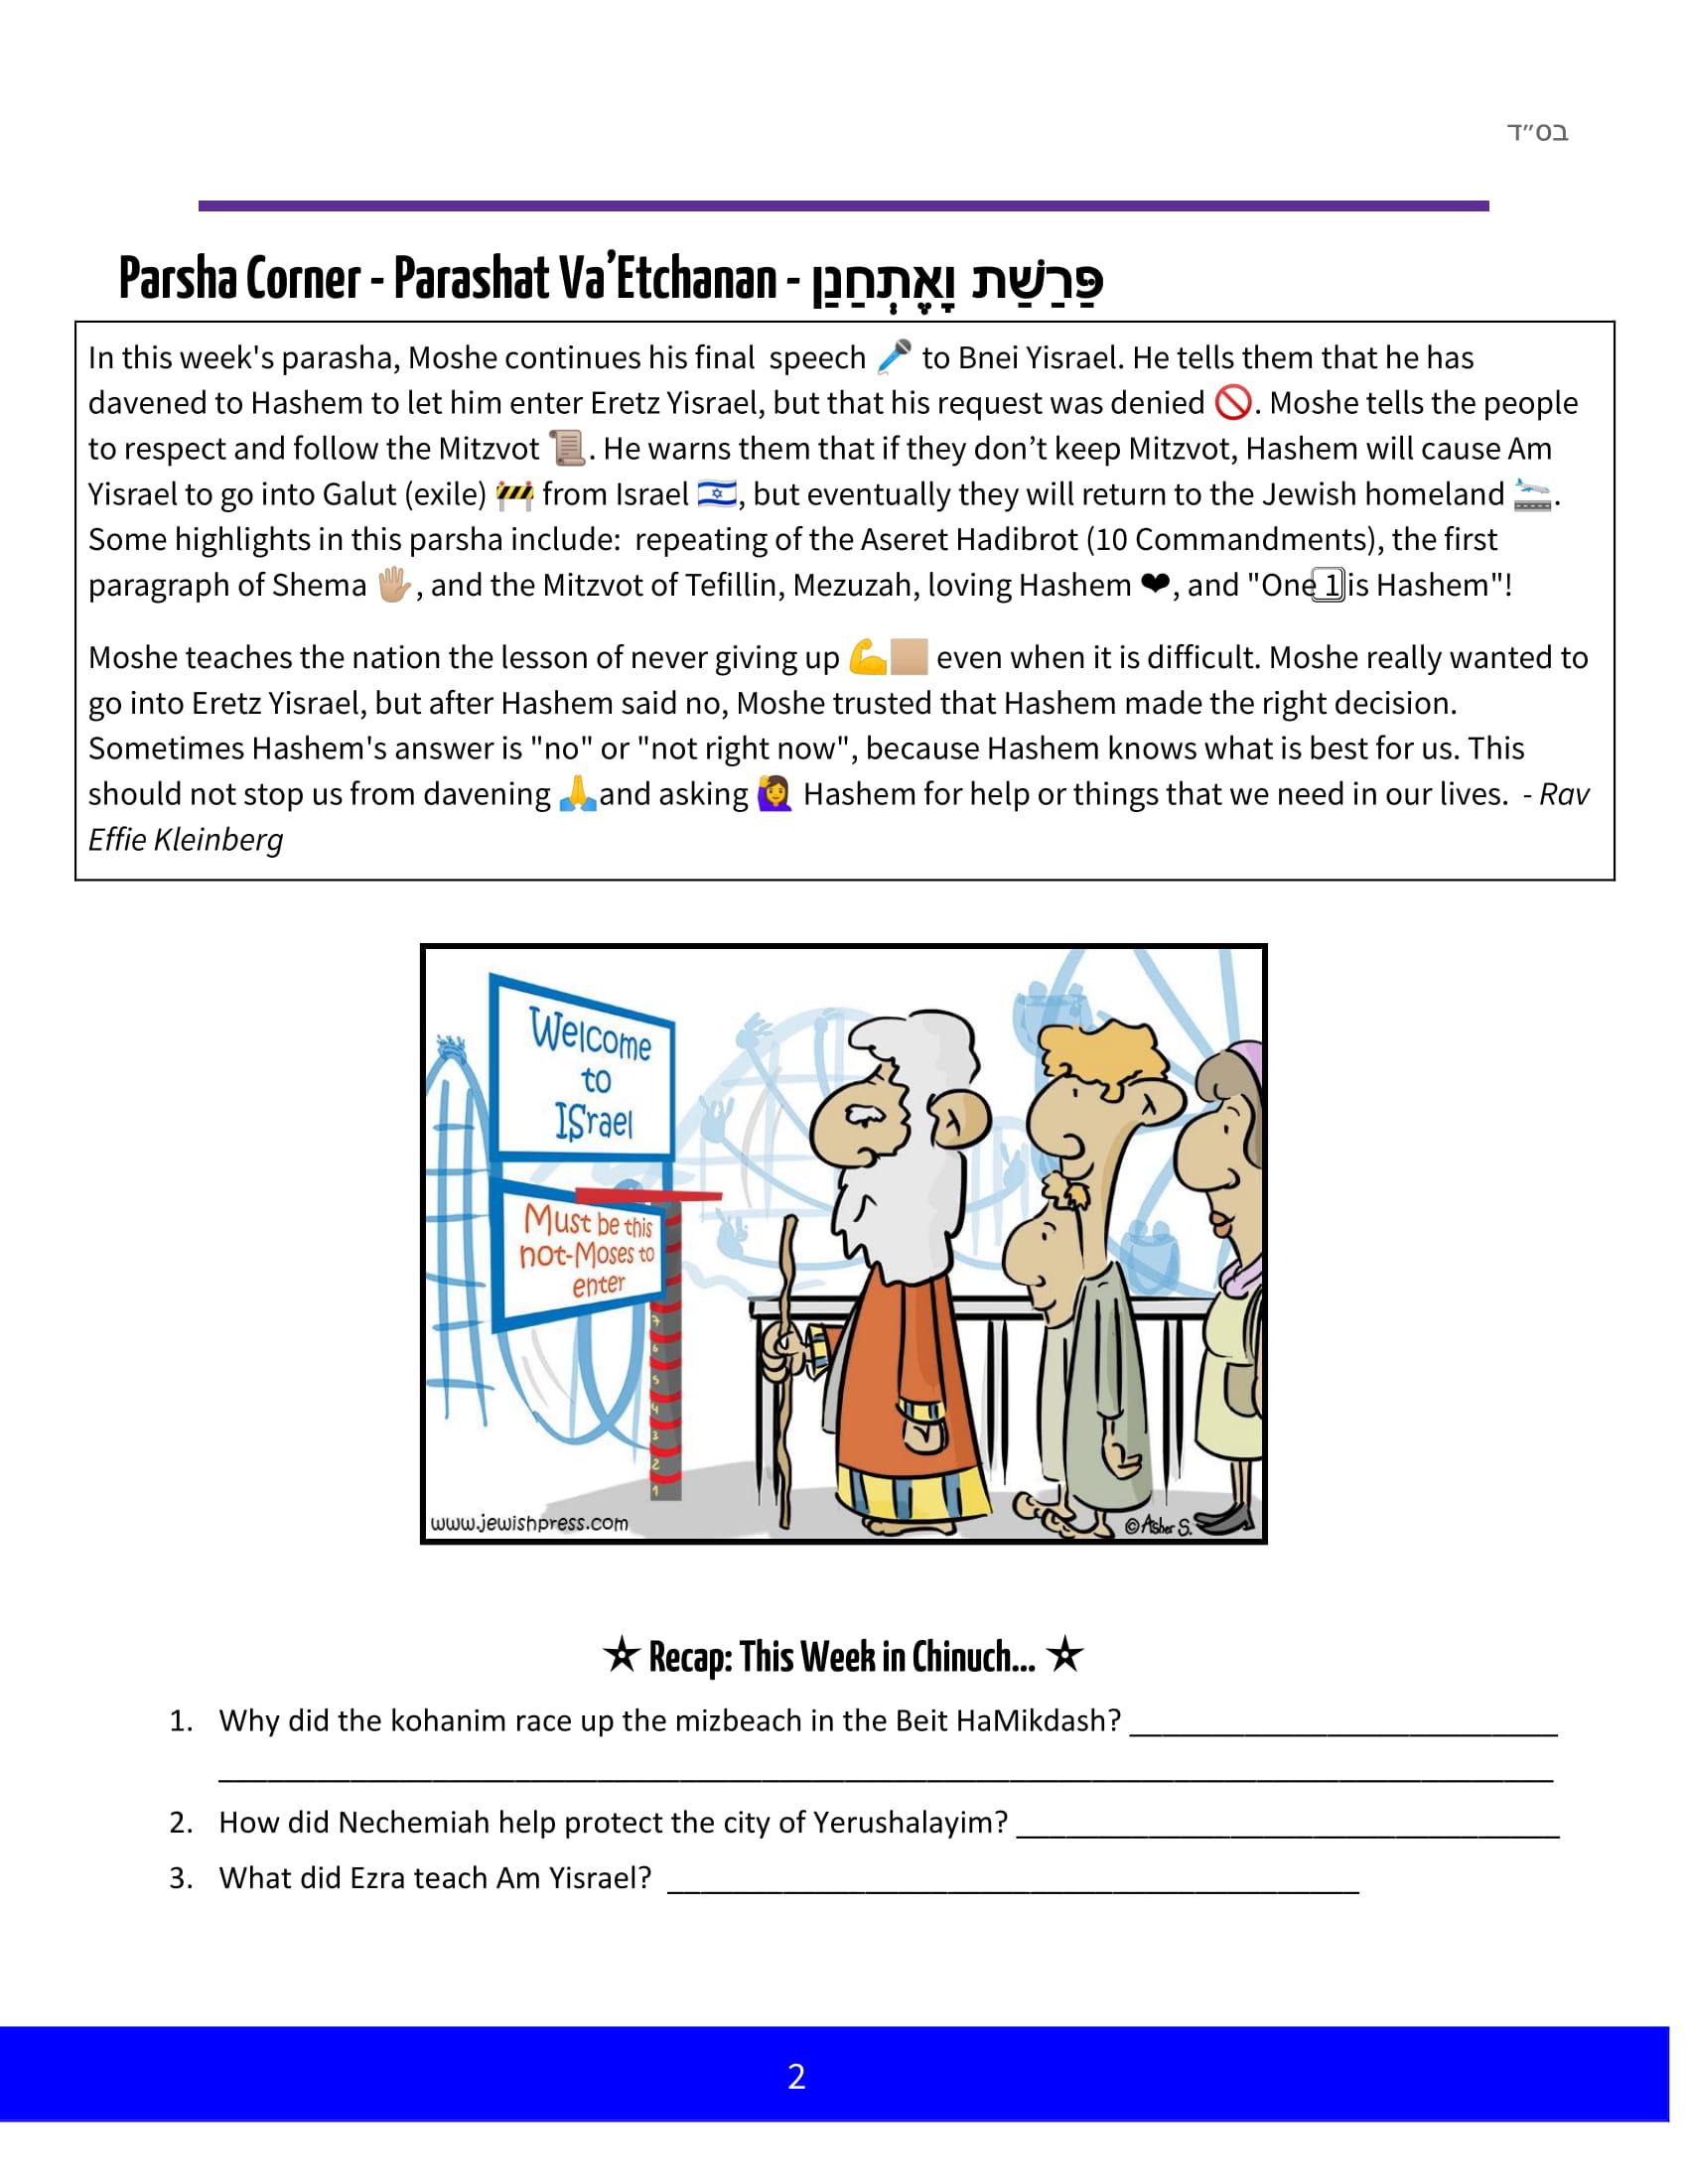 Weekly Chinuch Newsletter_ Shivat Tzion 2 (Week 7)-2.jpg